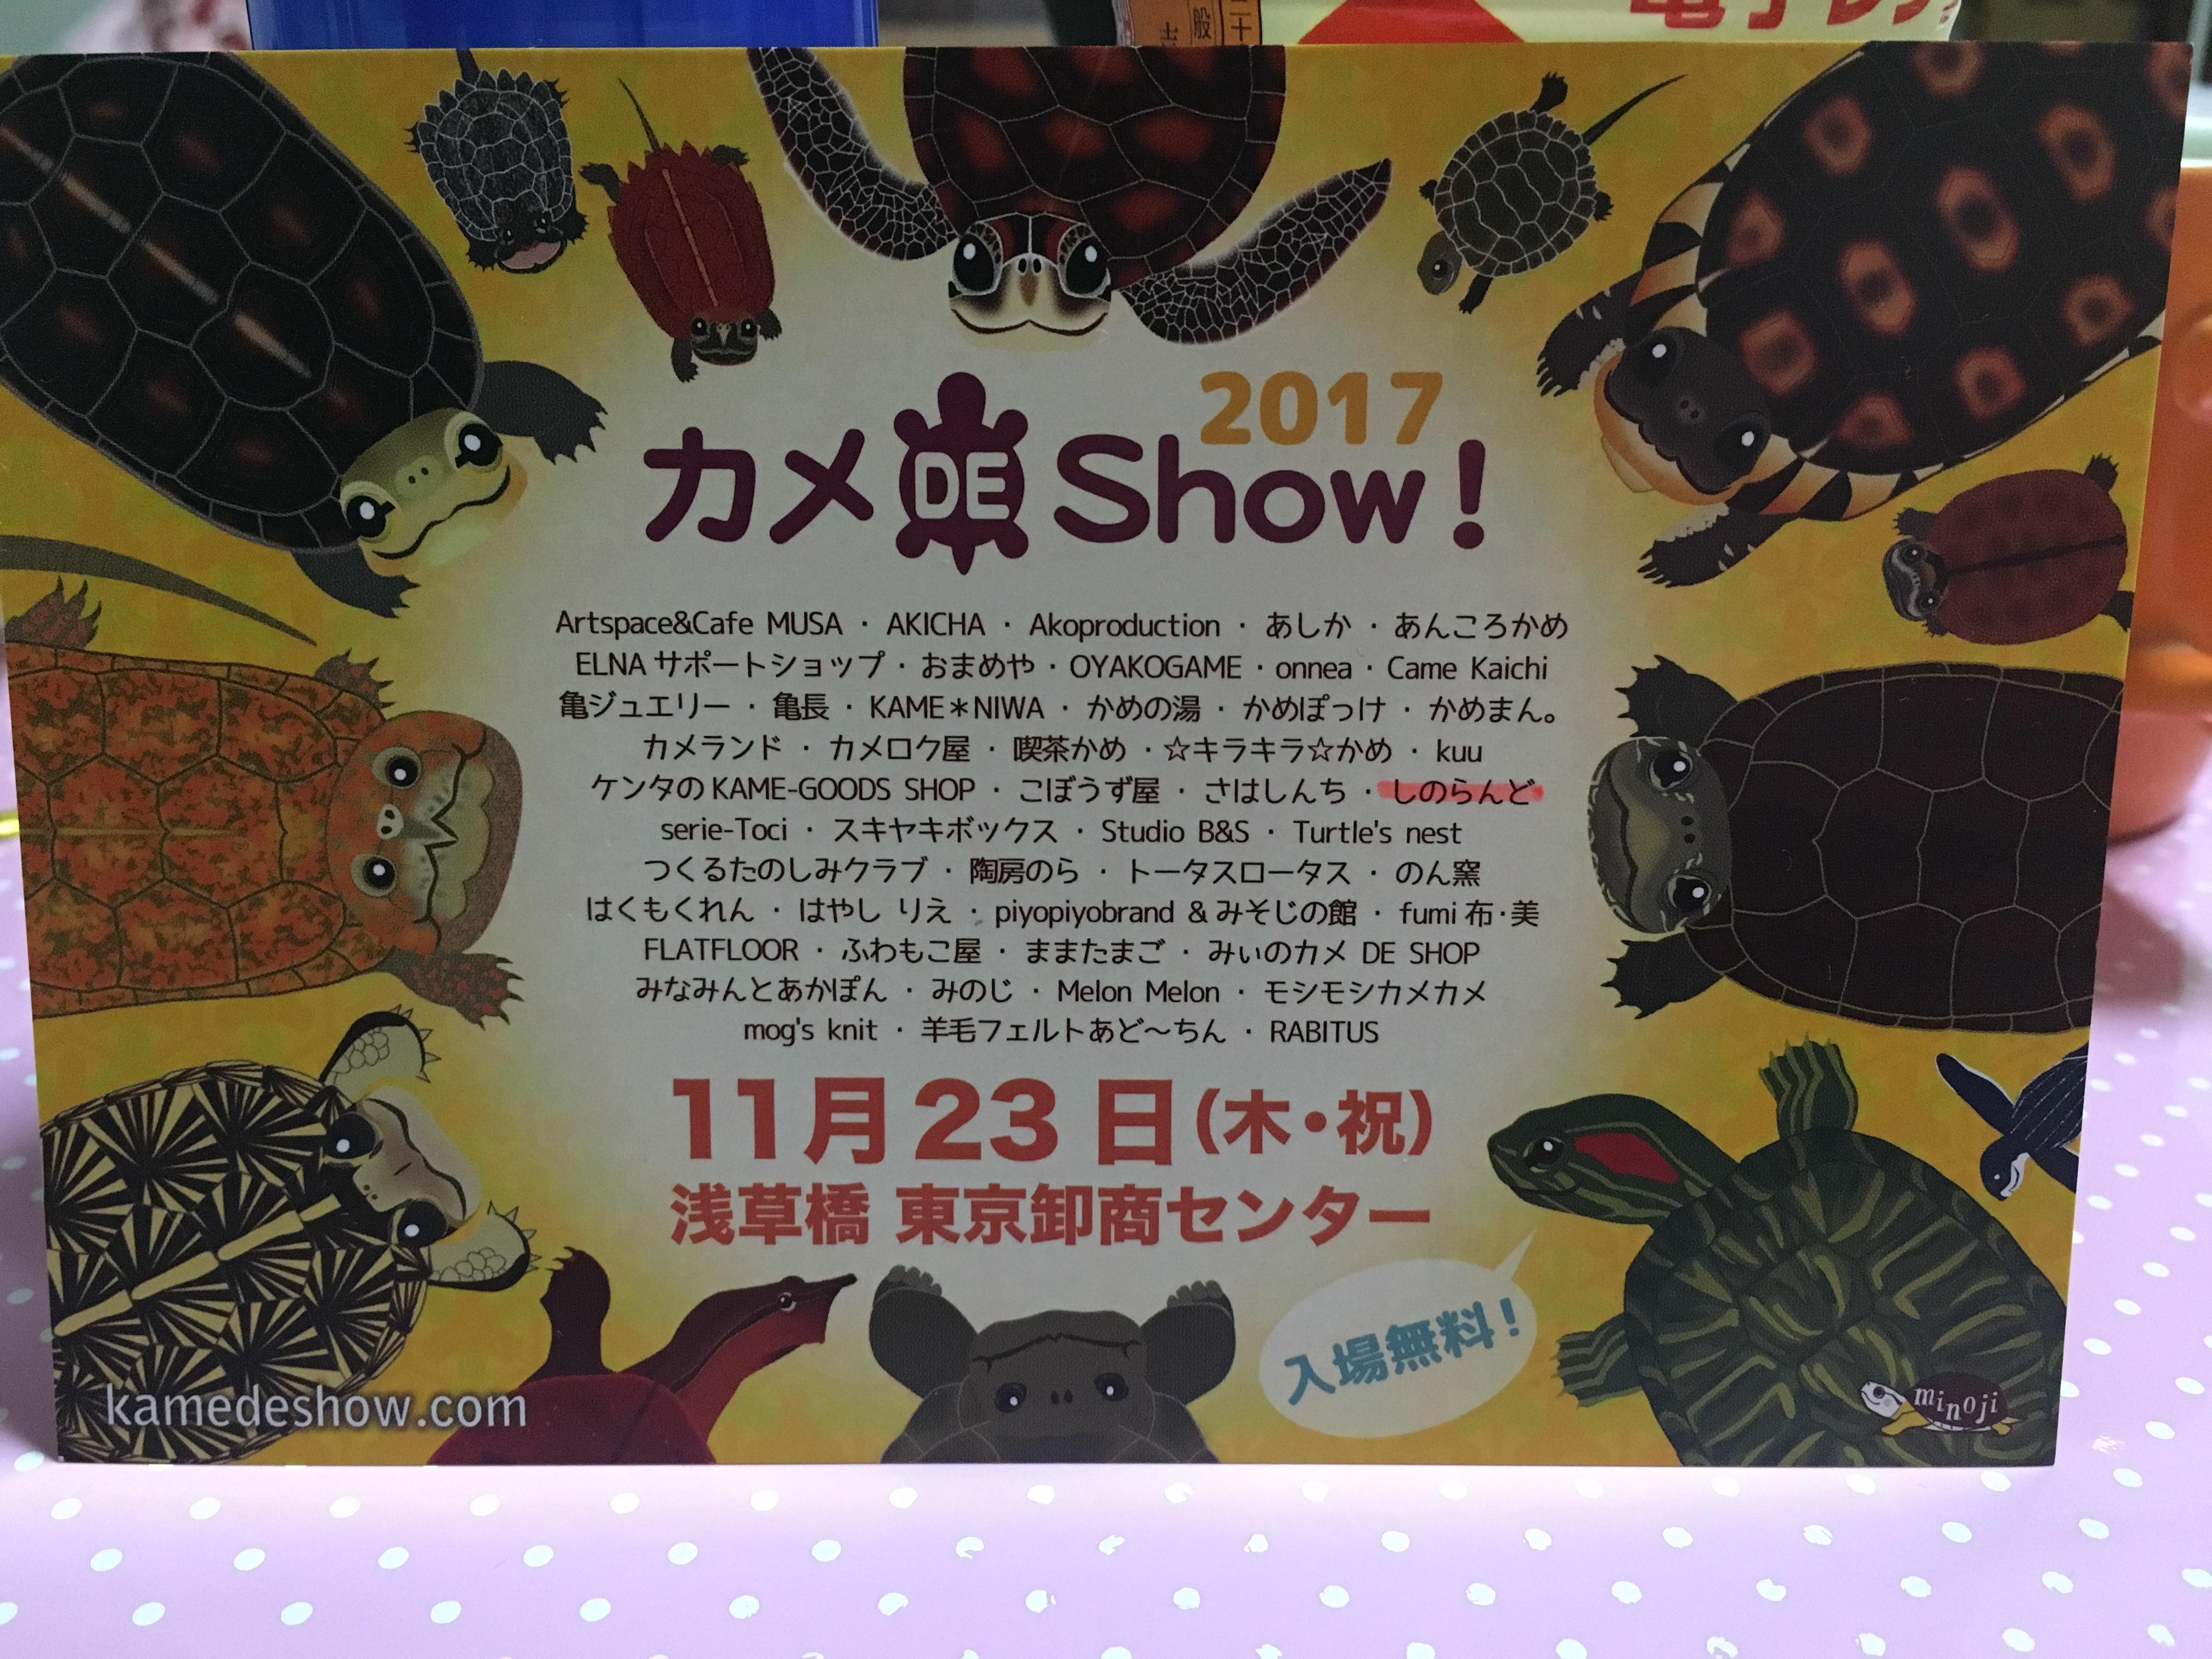 2017カメDE Show!ご案内です